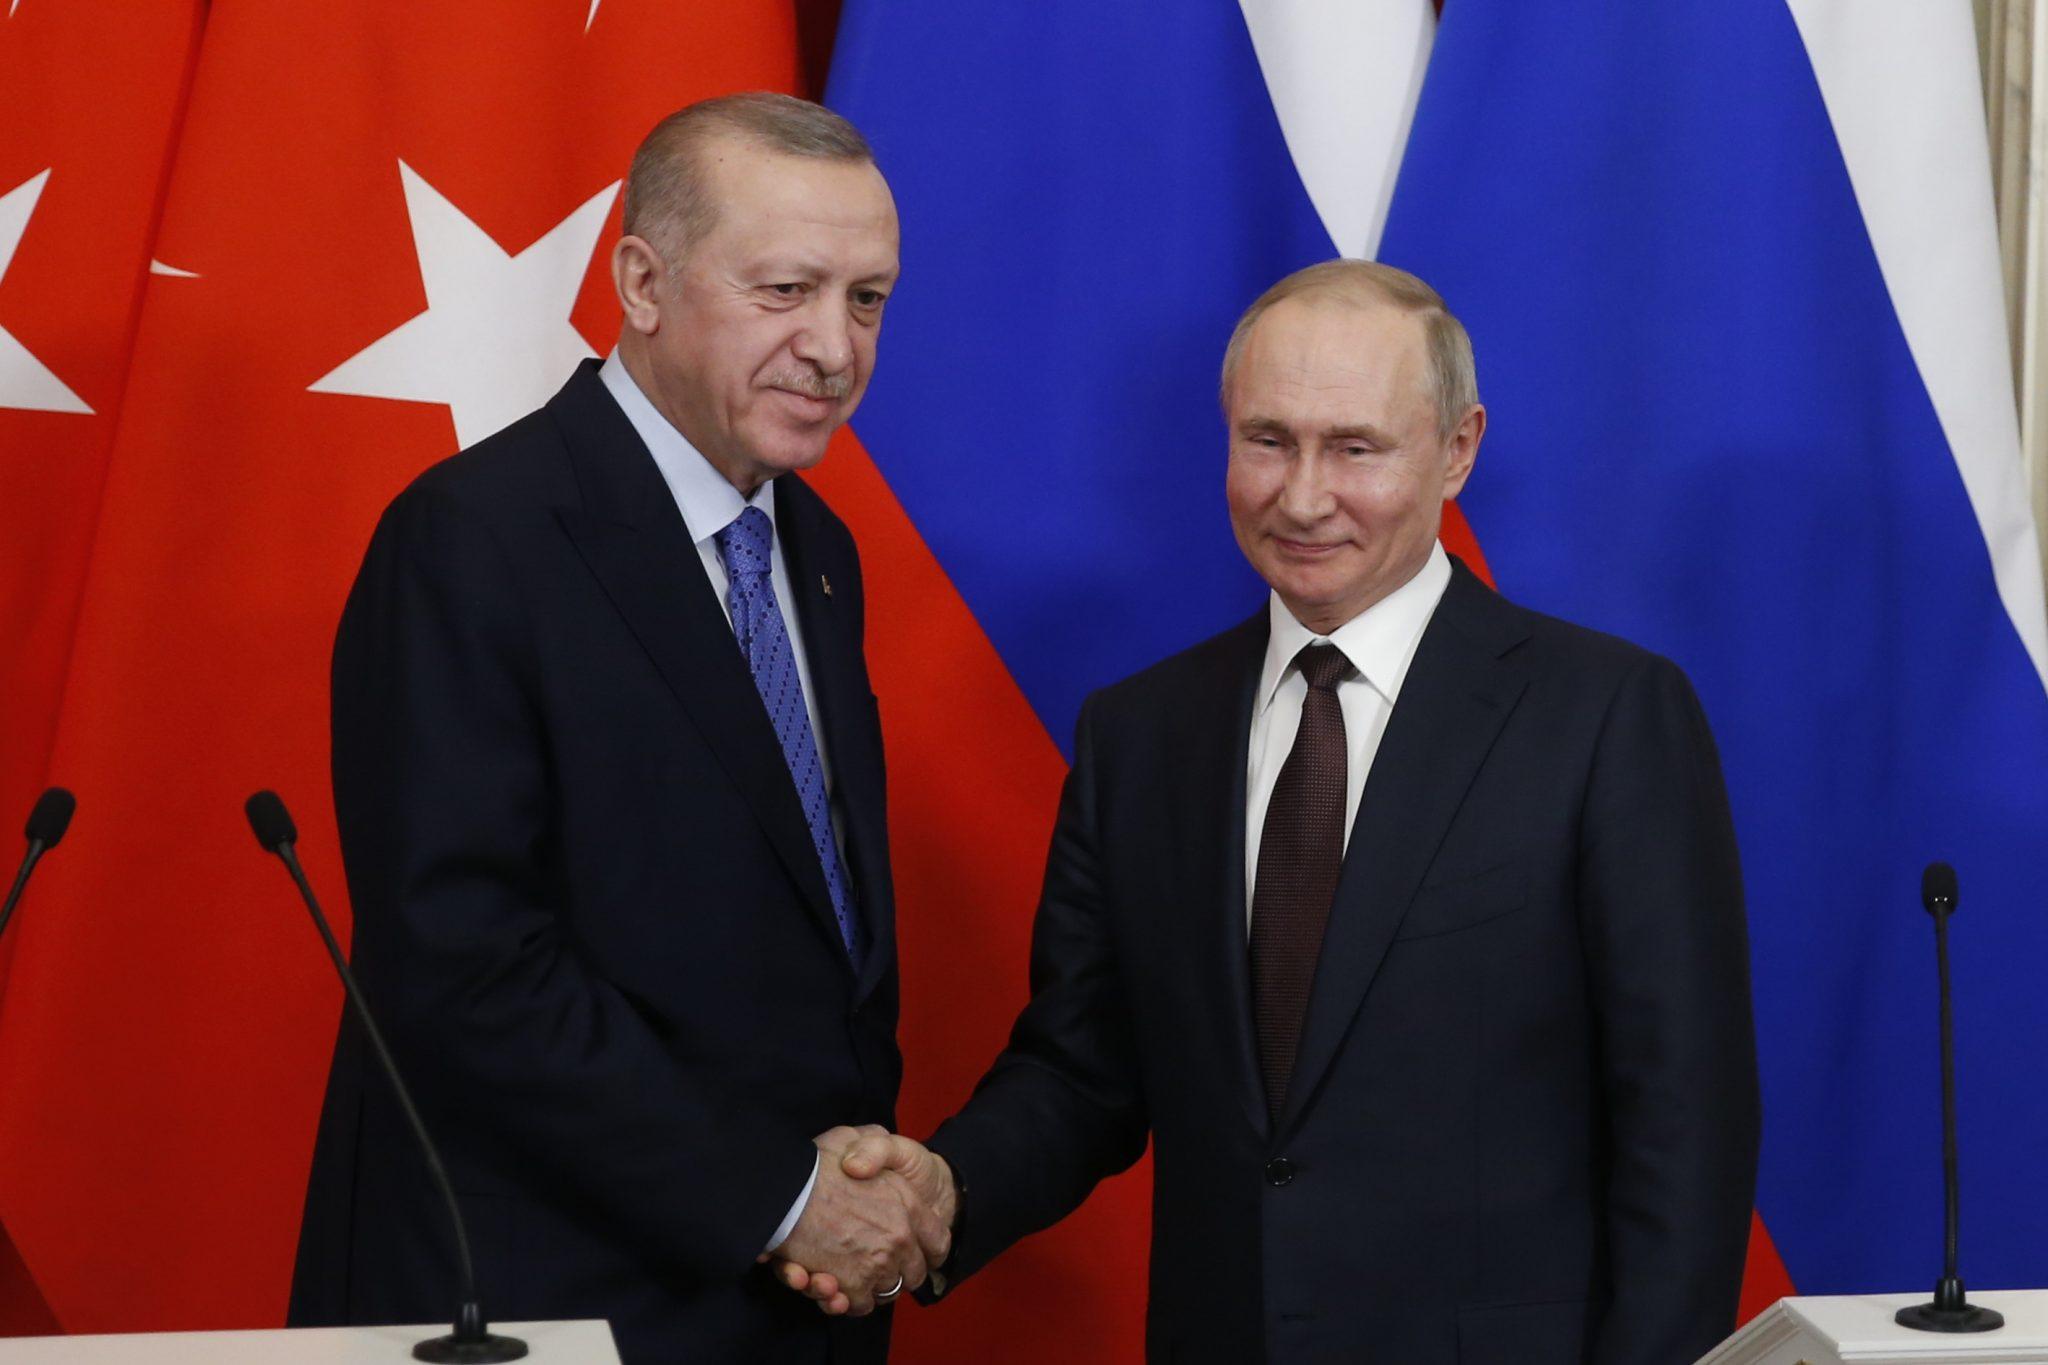 Двойное поражение: Турция проиграла России, как в военном, так и в психологическом поединке